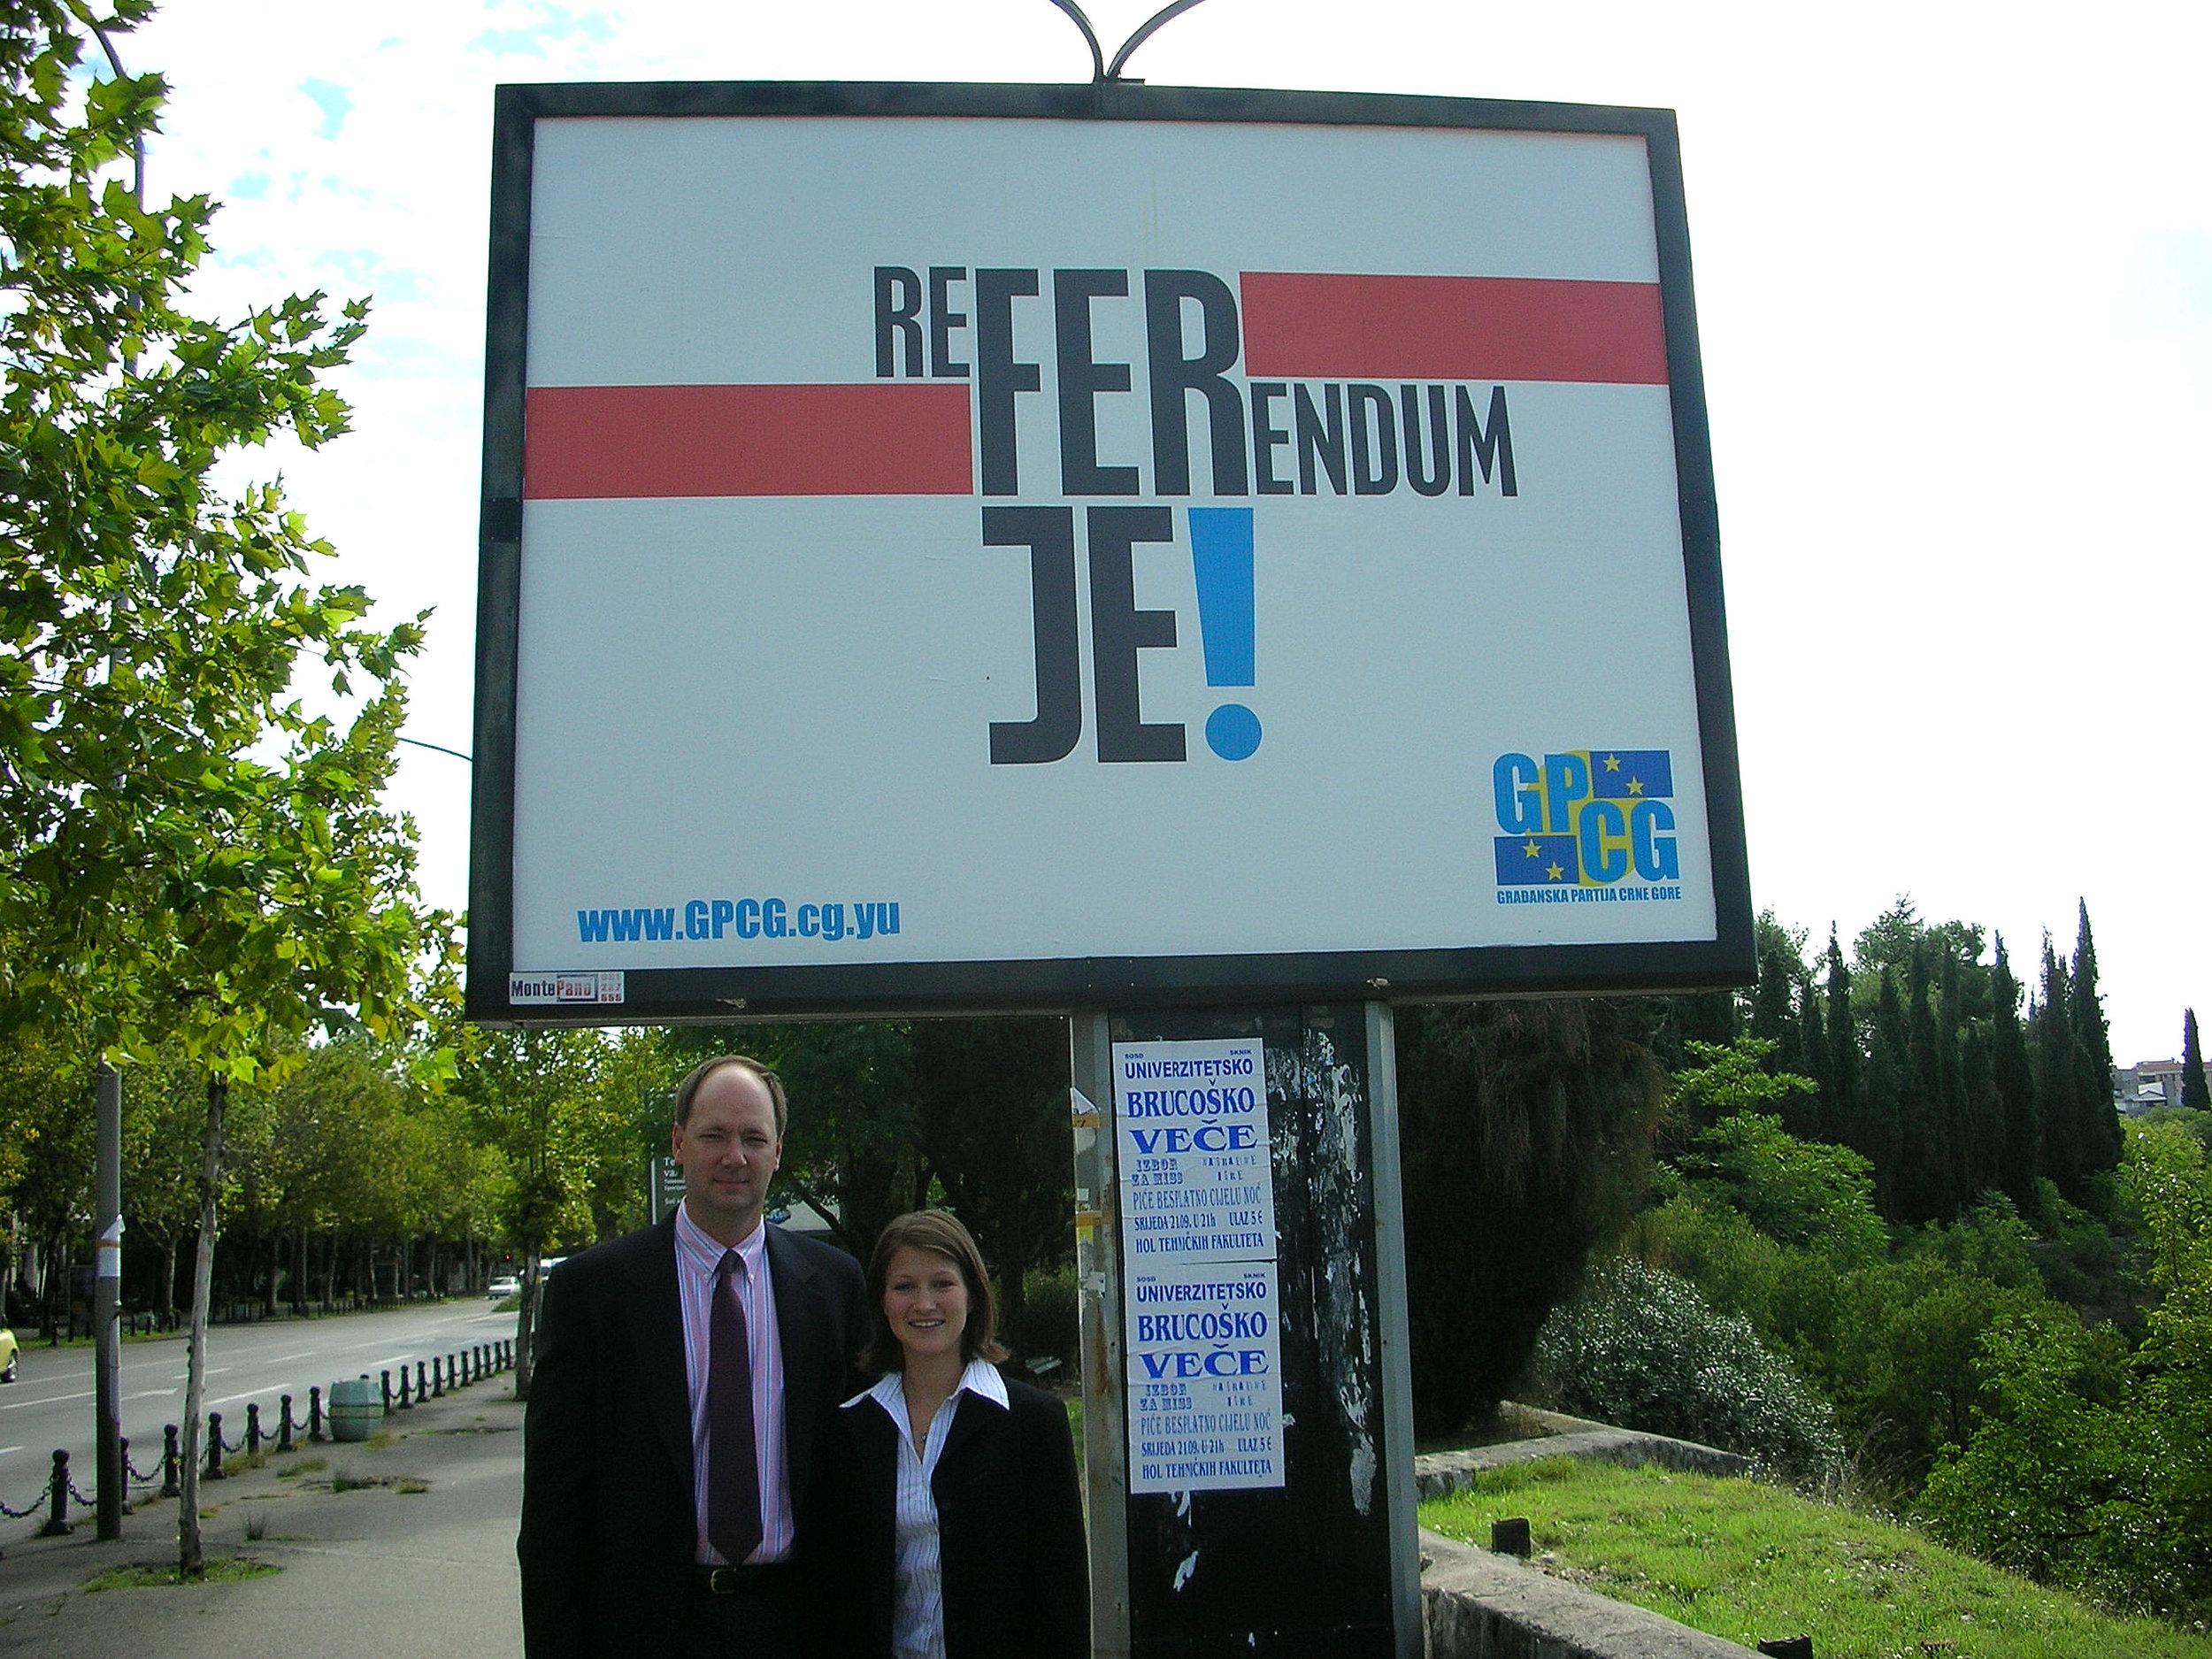 PILPP26_Paul___Ellee_by_Referendum - Copy.JPG